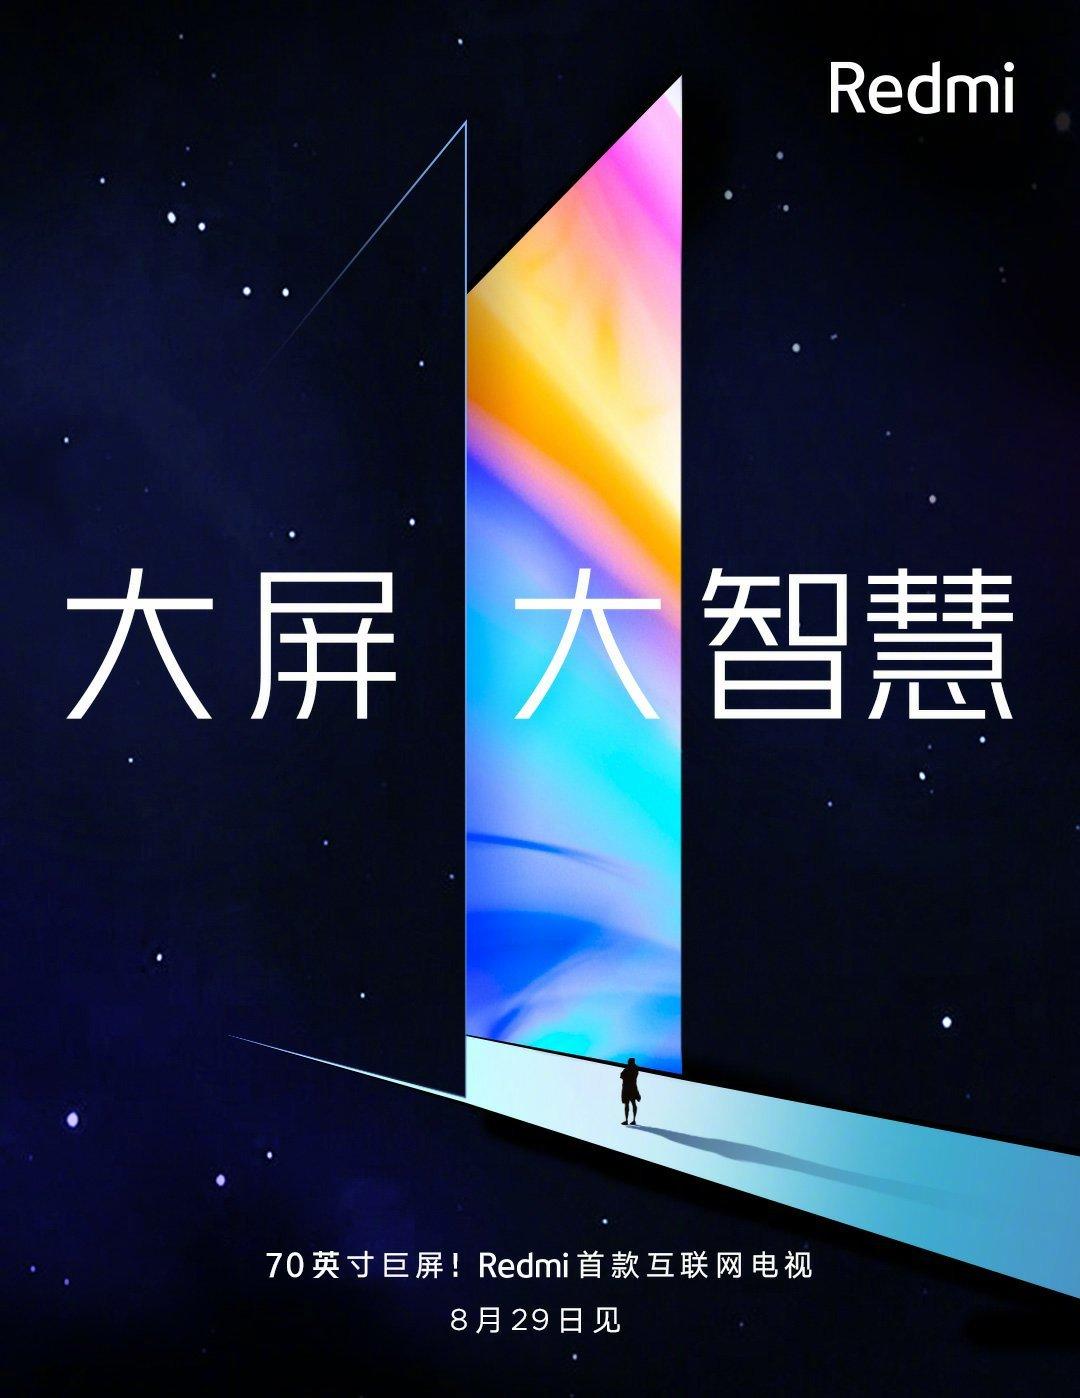 红米首款电视要来了:70英寸巨屏 8月29日发布